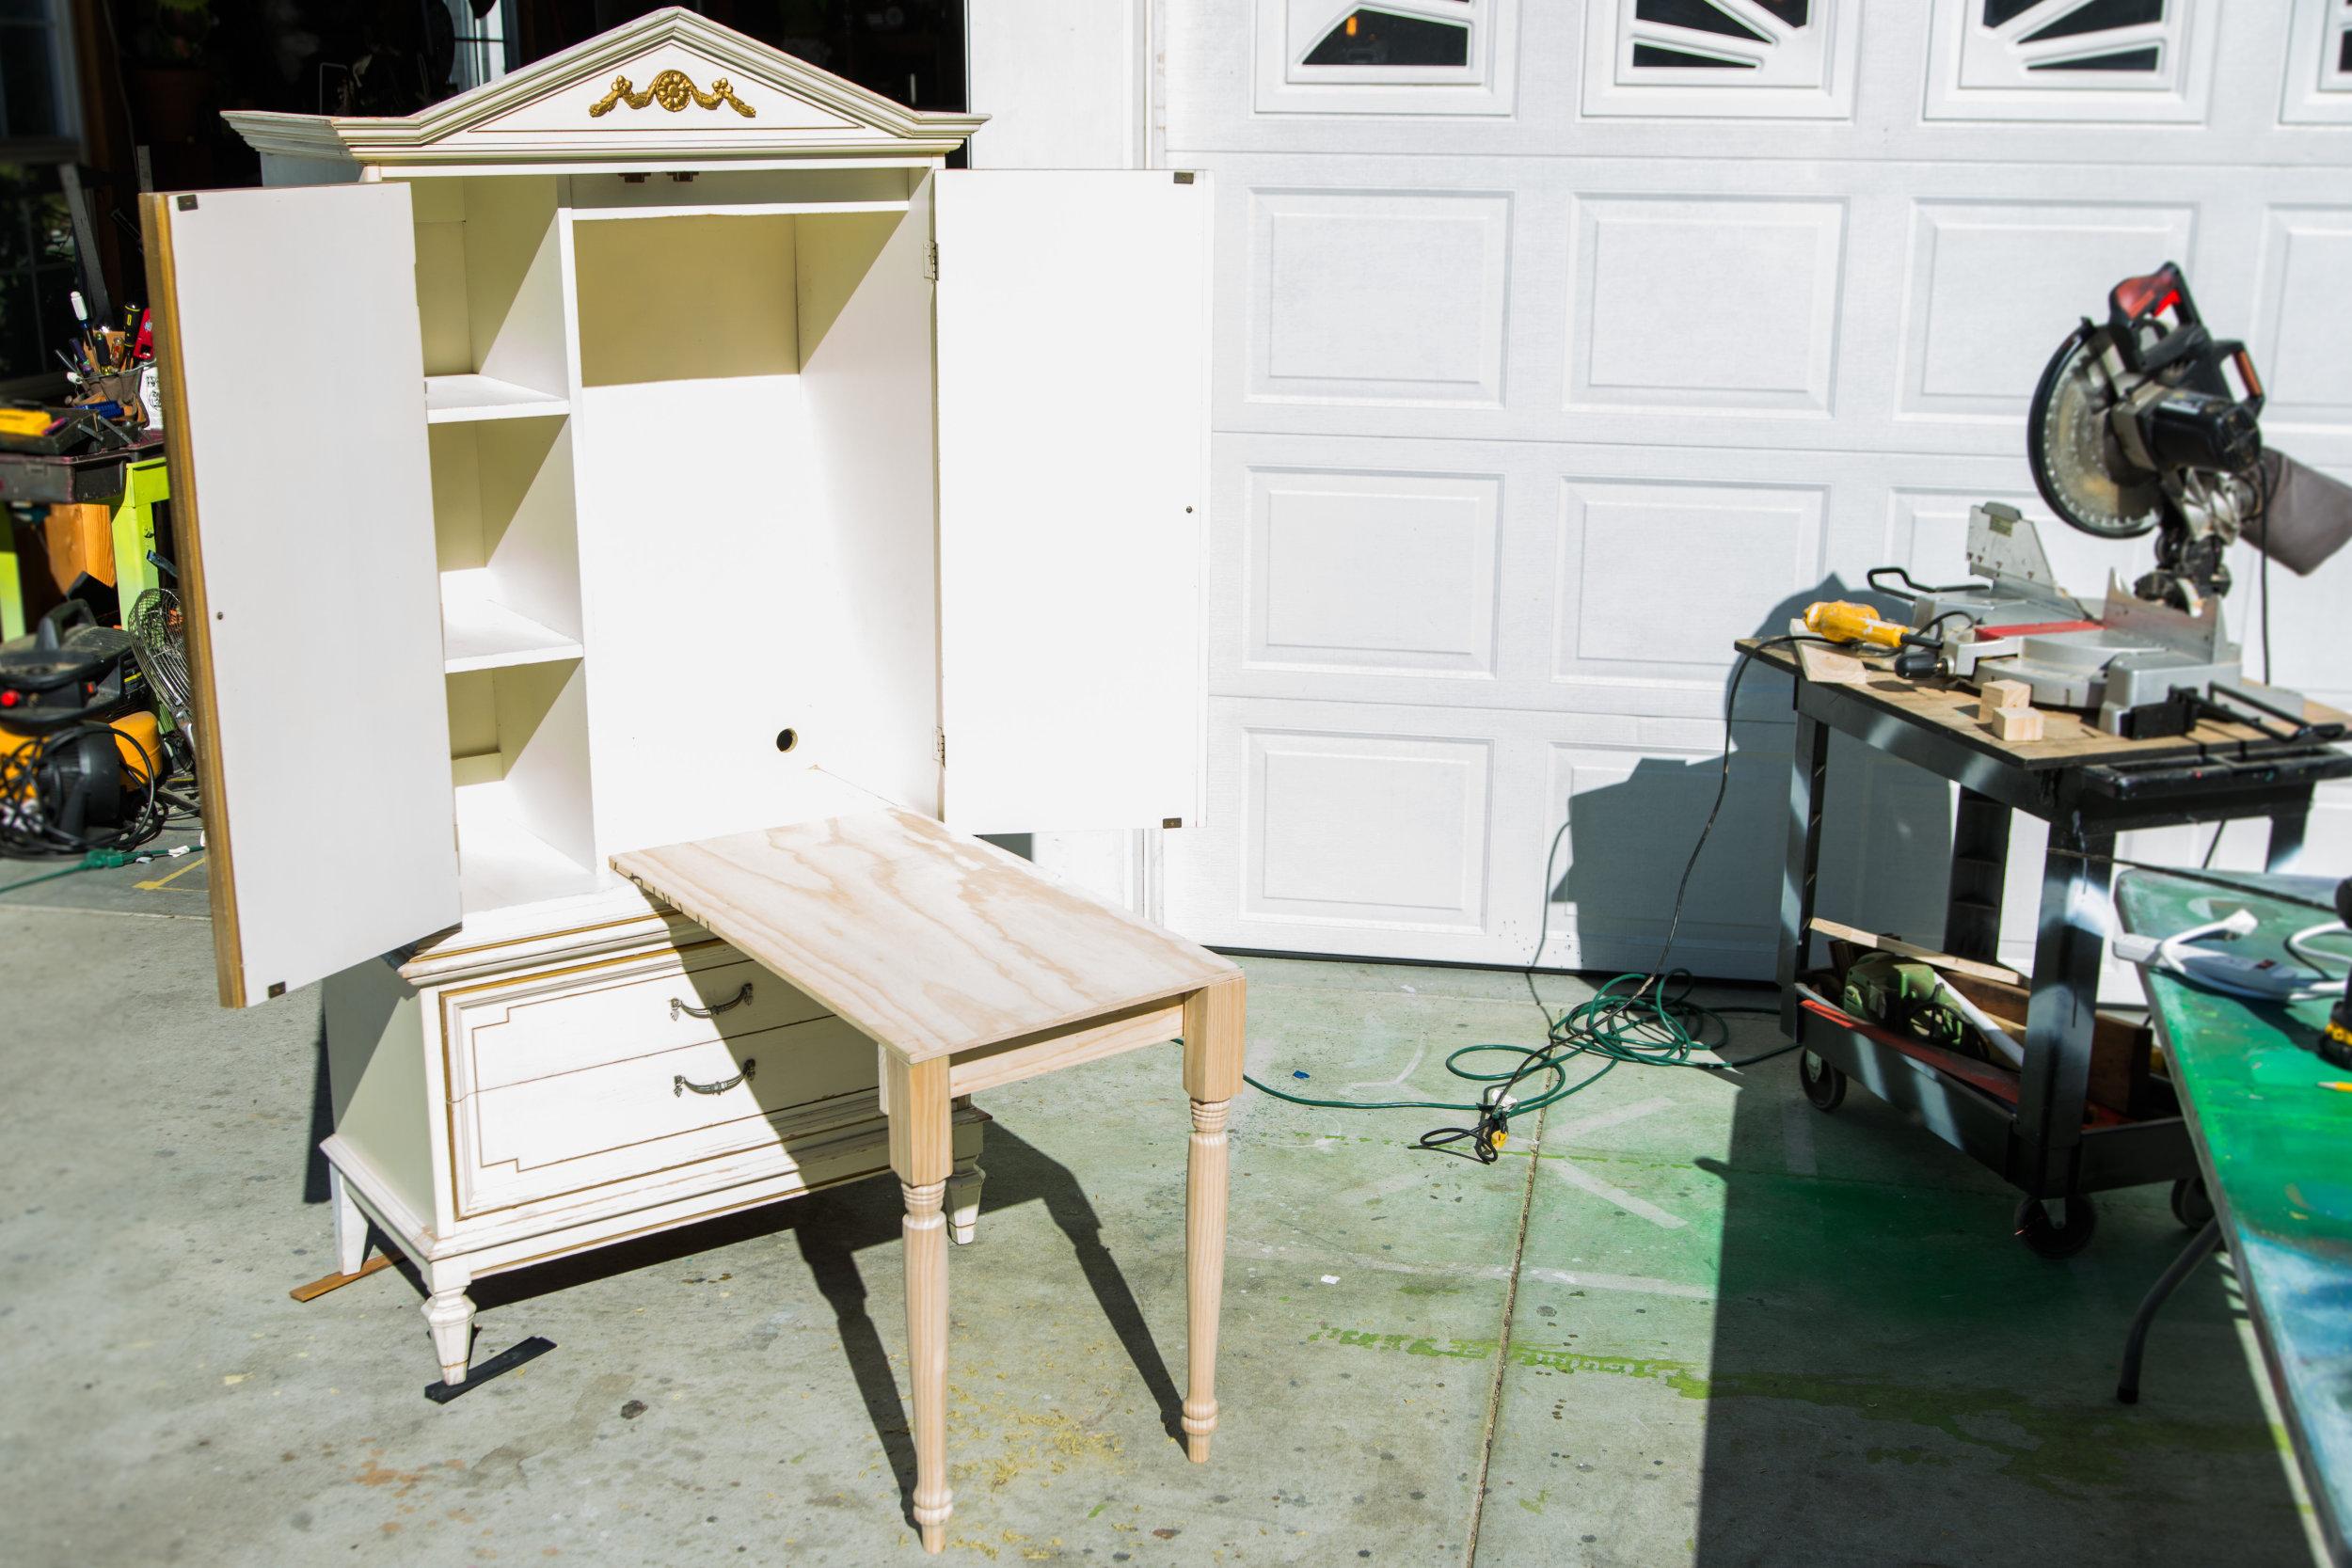 Bricolage 3 couches en plastique bureau stockage rack mur